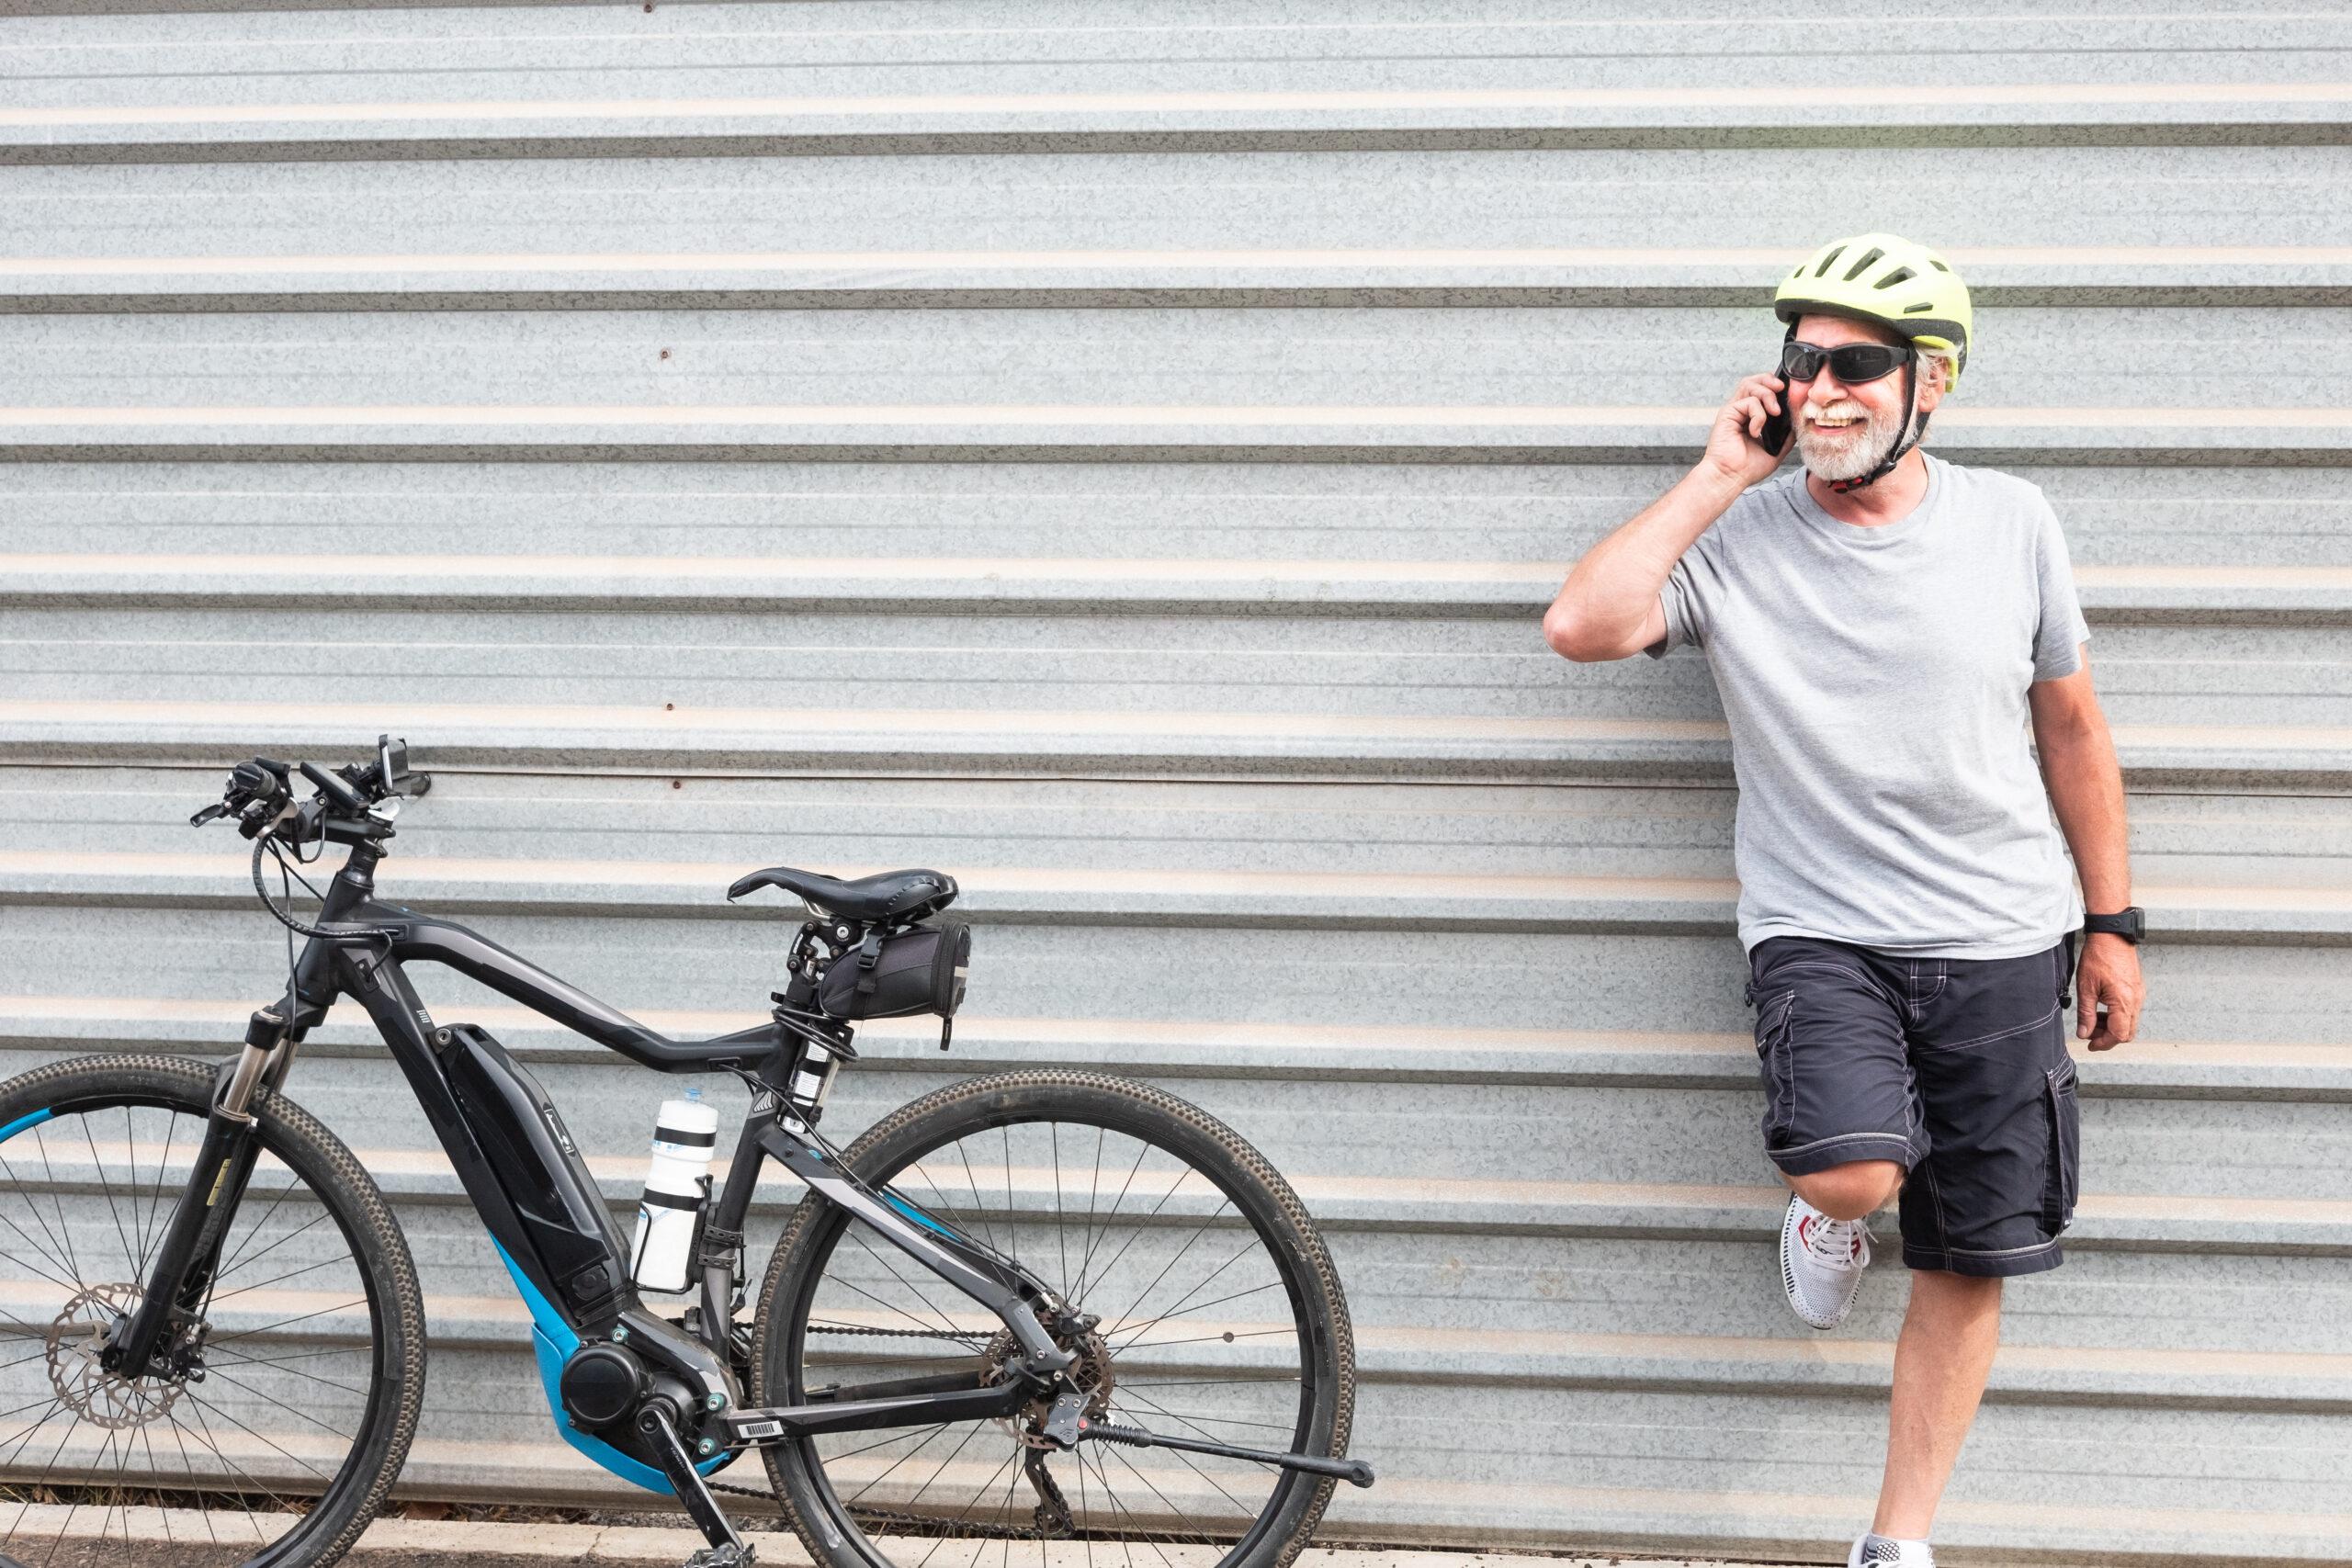 Autpmotive-news - e-bike il nuovo trend della pedalata